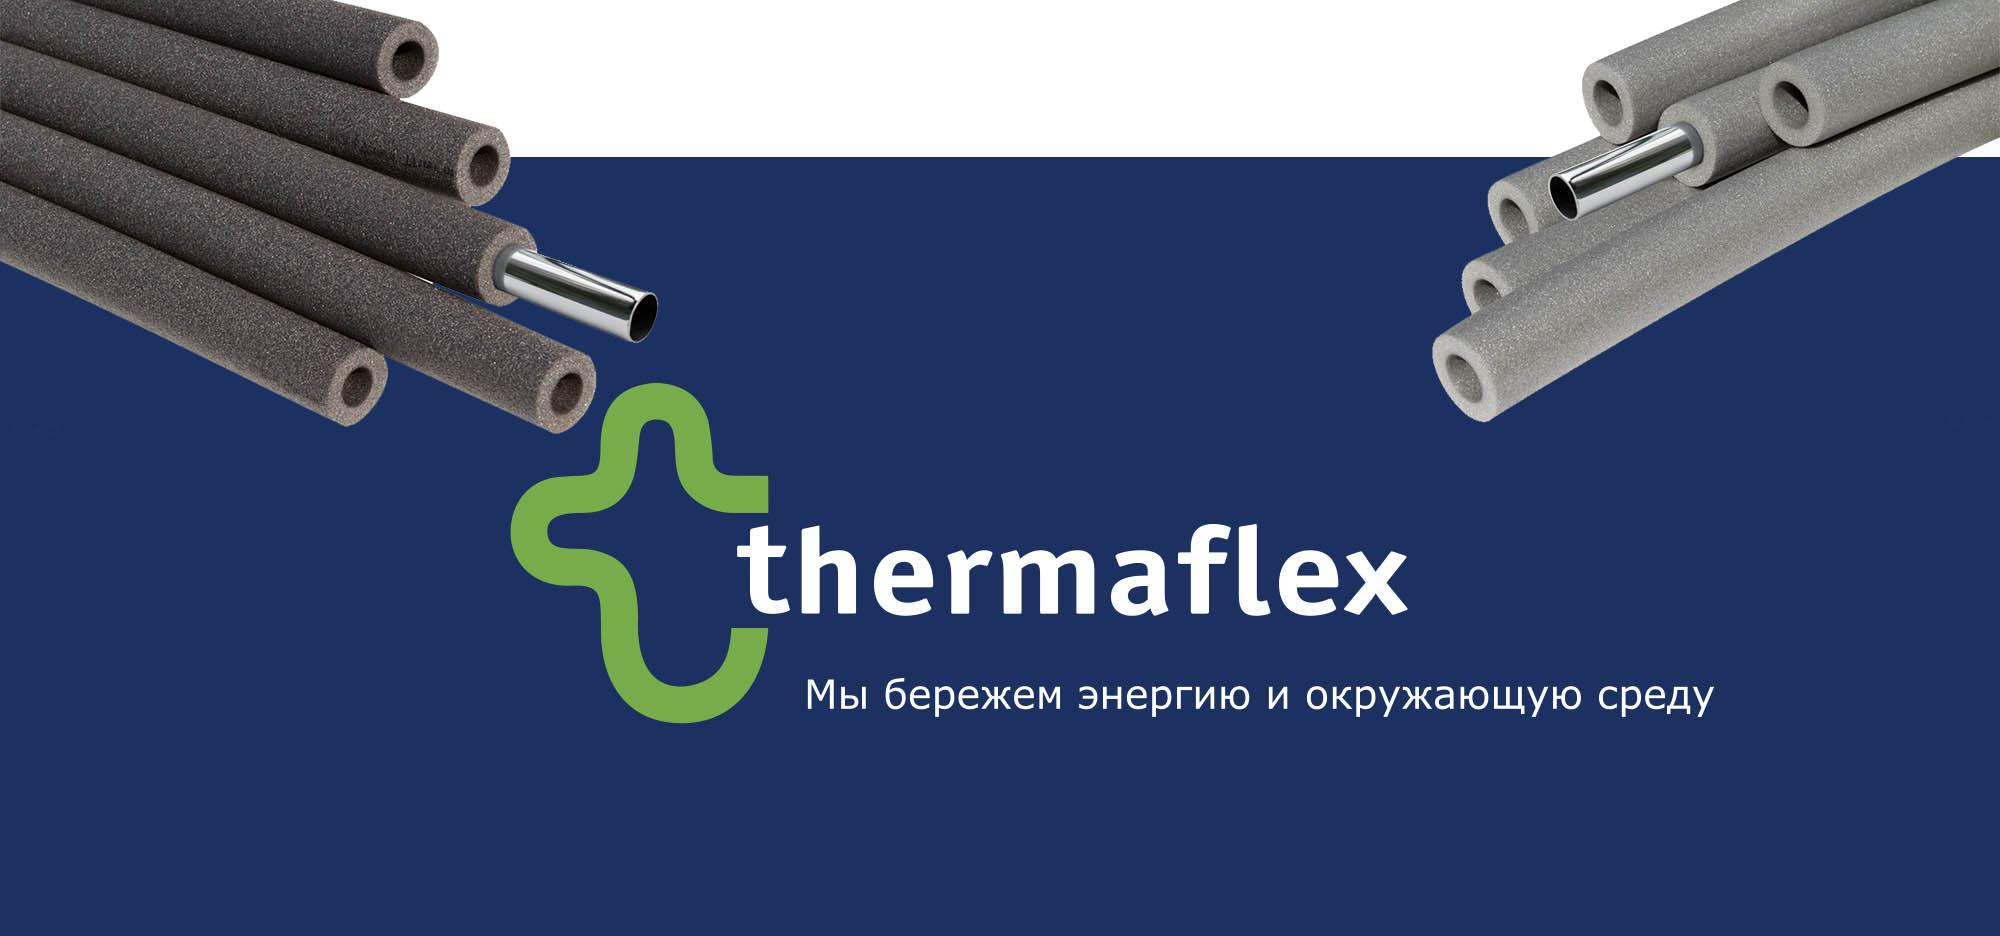 Термафлекс магазин